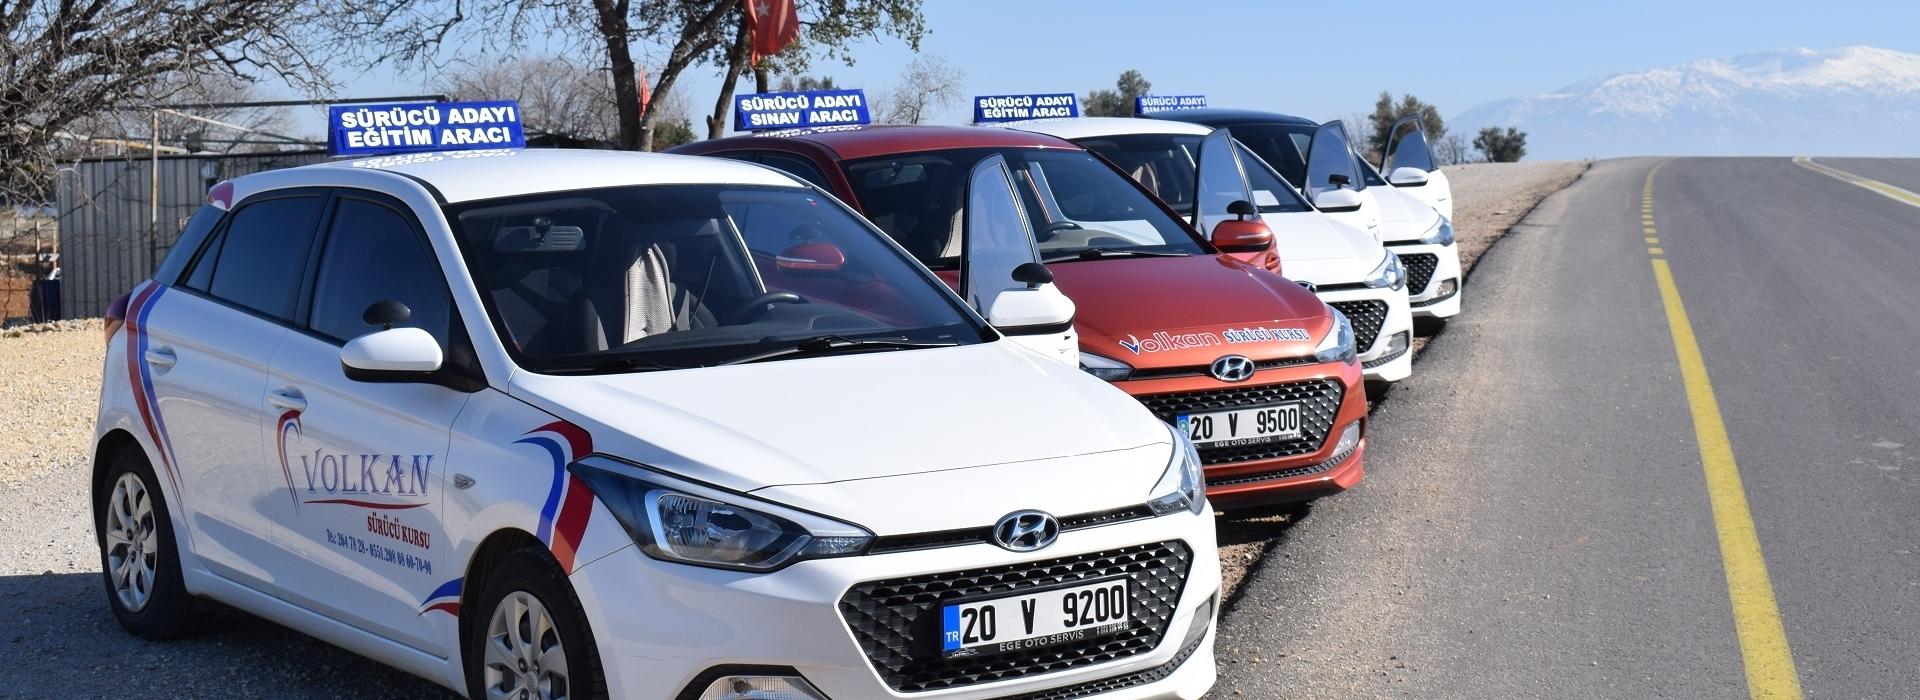 güngören sürücü kursu, sürücü kursu fiyatları, manuel araçlı sürücü ehliyeti